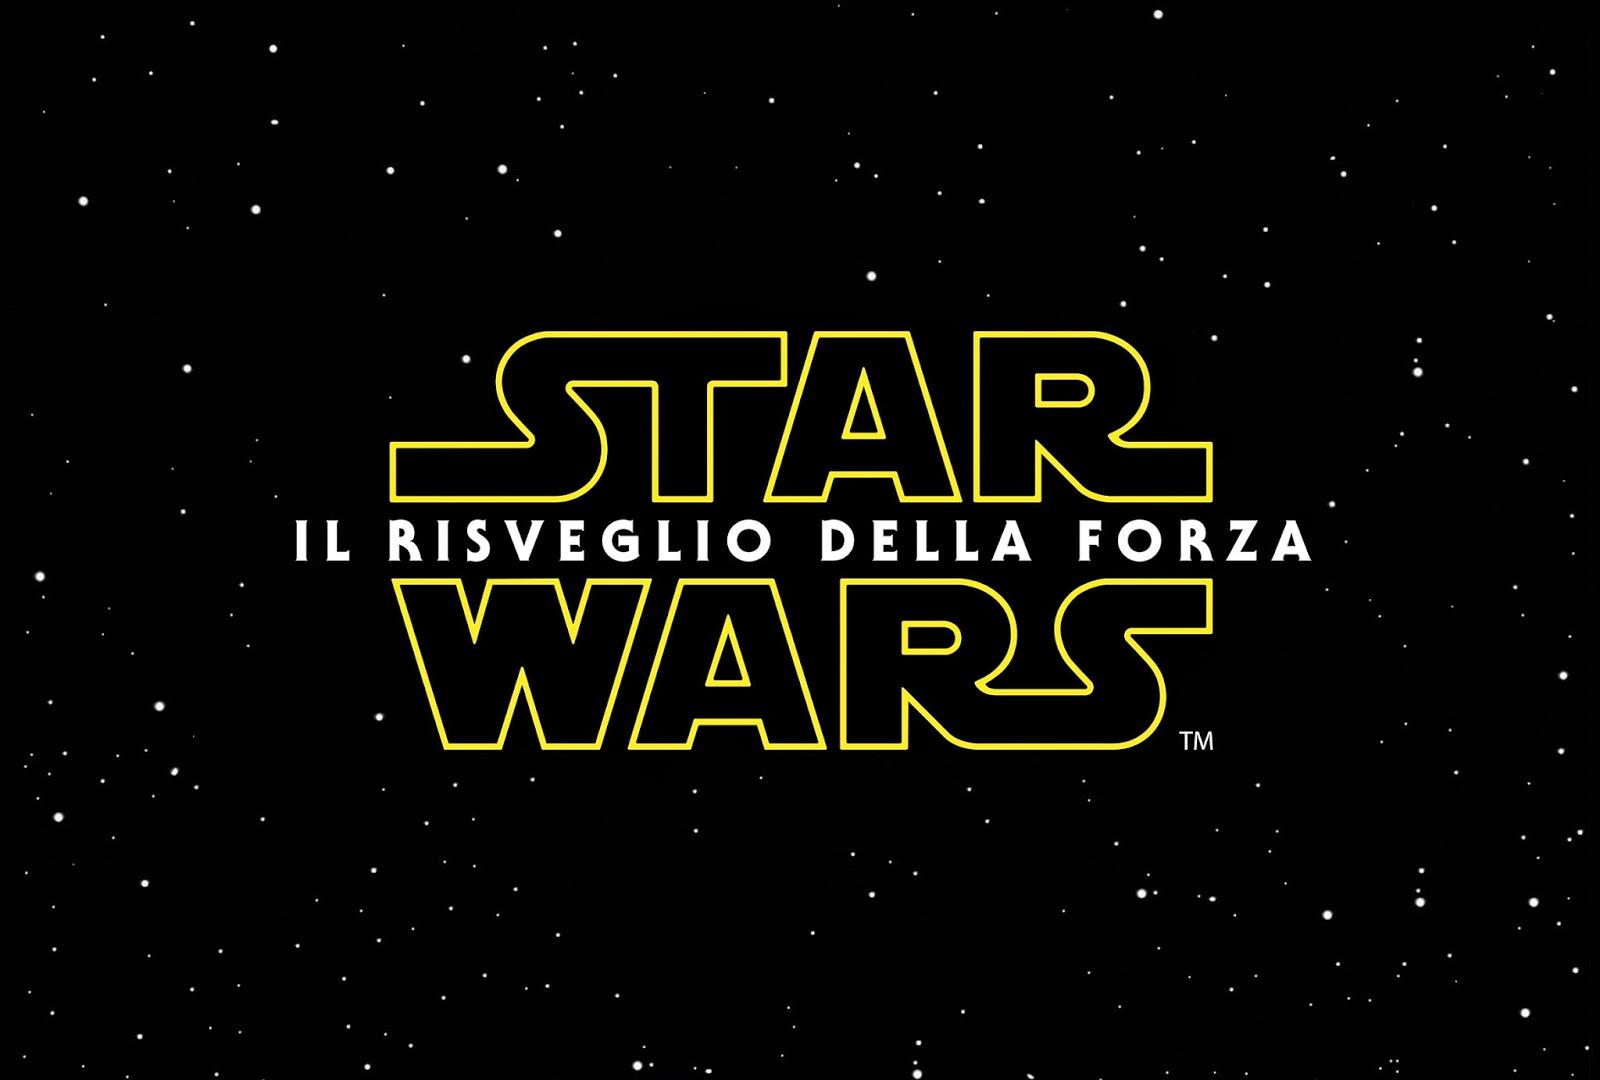 STAR WARS: IL RISVEGLIO DELLA FORZA,  IN 3 CINEMA ITALIANI IL PANEL IN DIRETTA